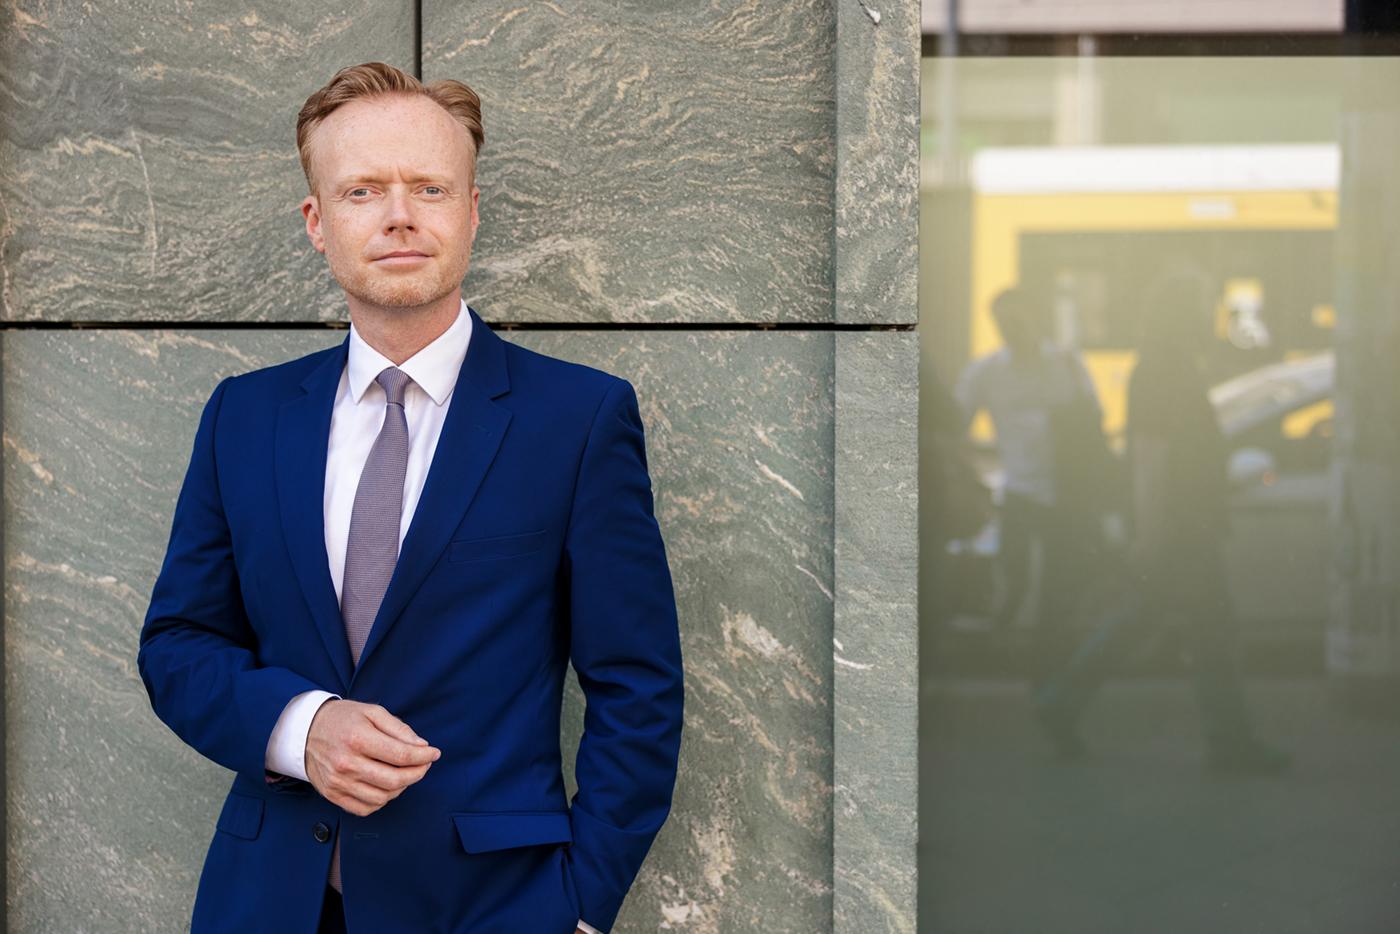 """MdB Jan Metzler: Bessere Vernetzung, klare Zuständigkeiten, mehr Tempo / Metzler unterstützt Modernisierungs-Programm """"Neustaat"""" für Verwaltung, Digitalisierung"""